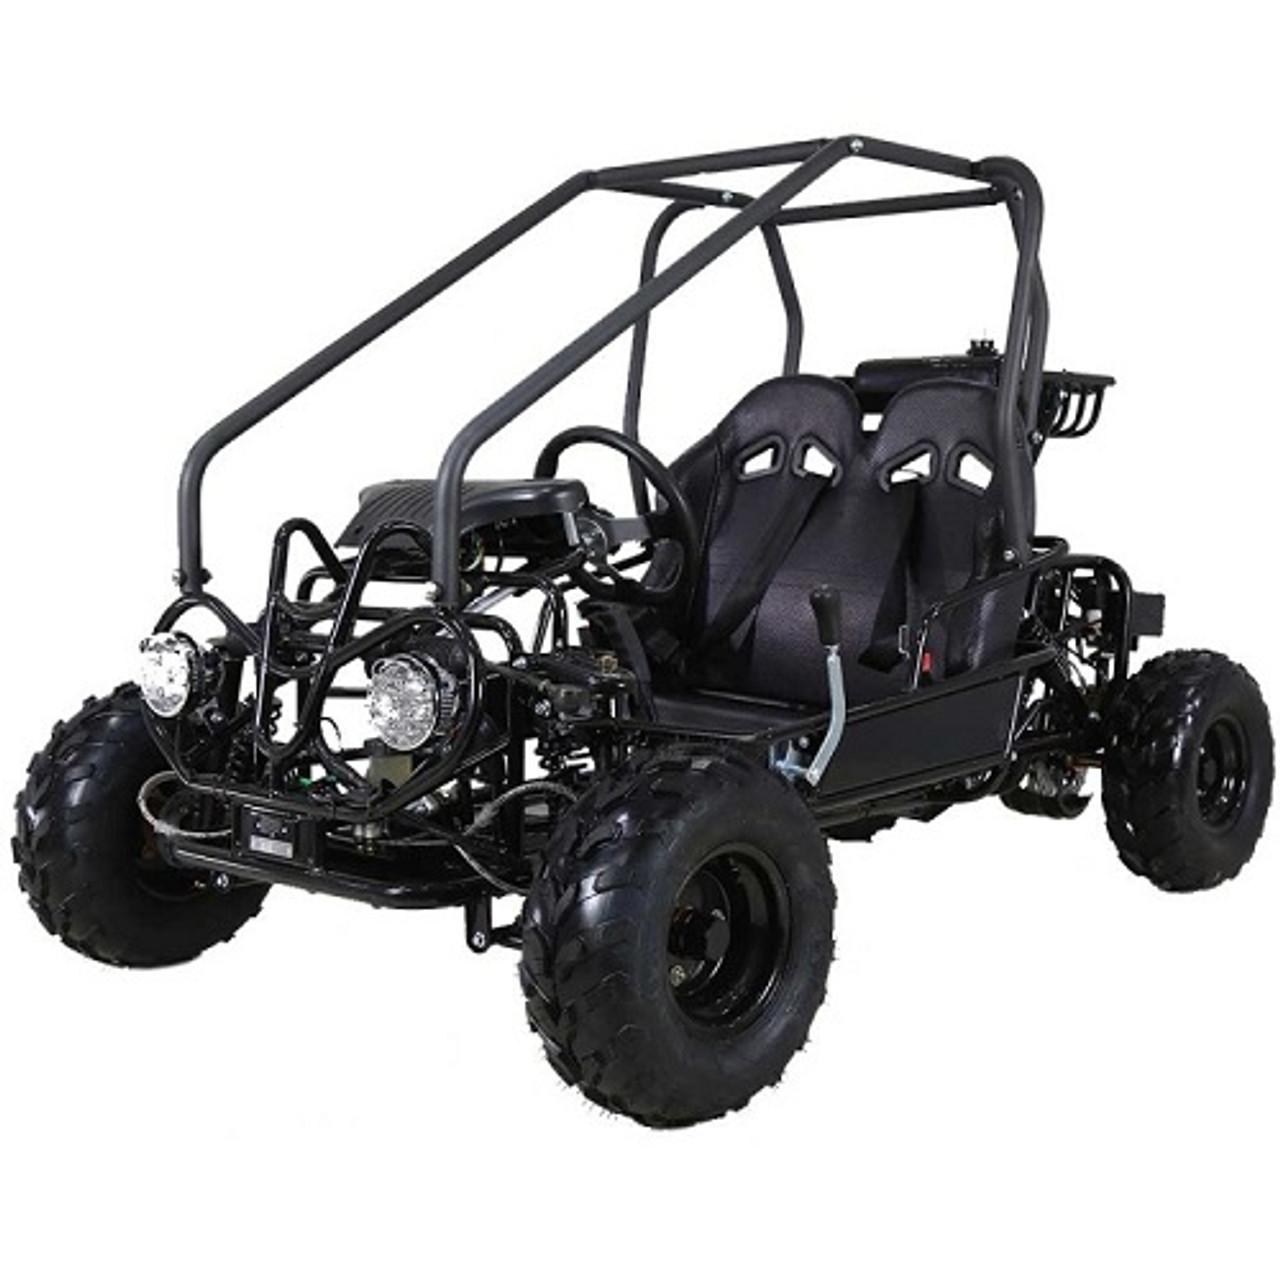 GK 110 (GK110) Kids Buggy Go kart 110cc